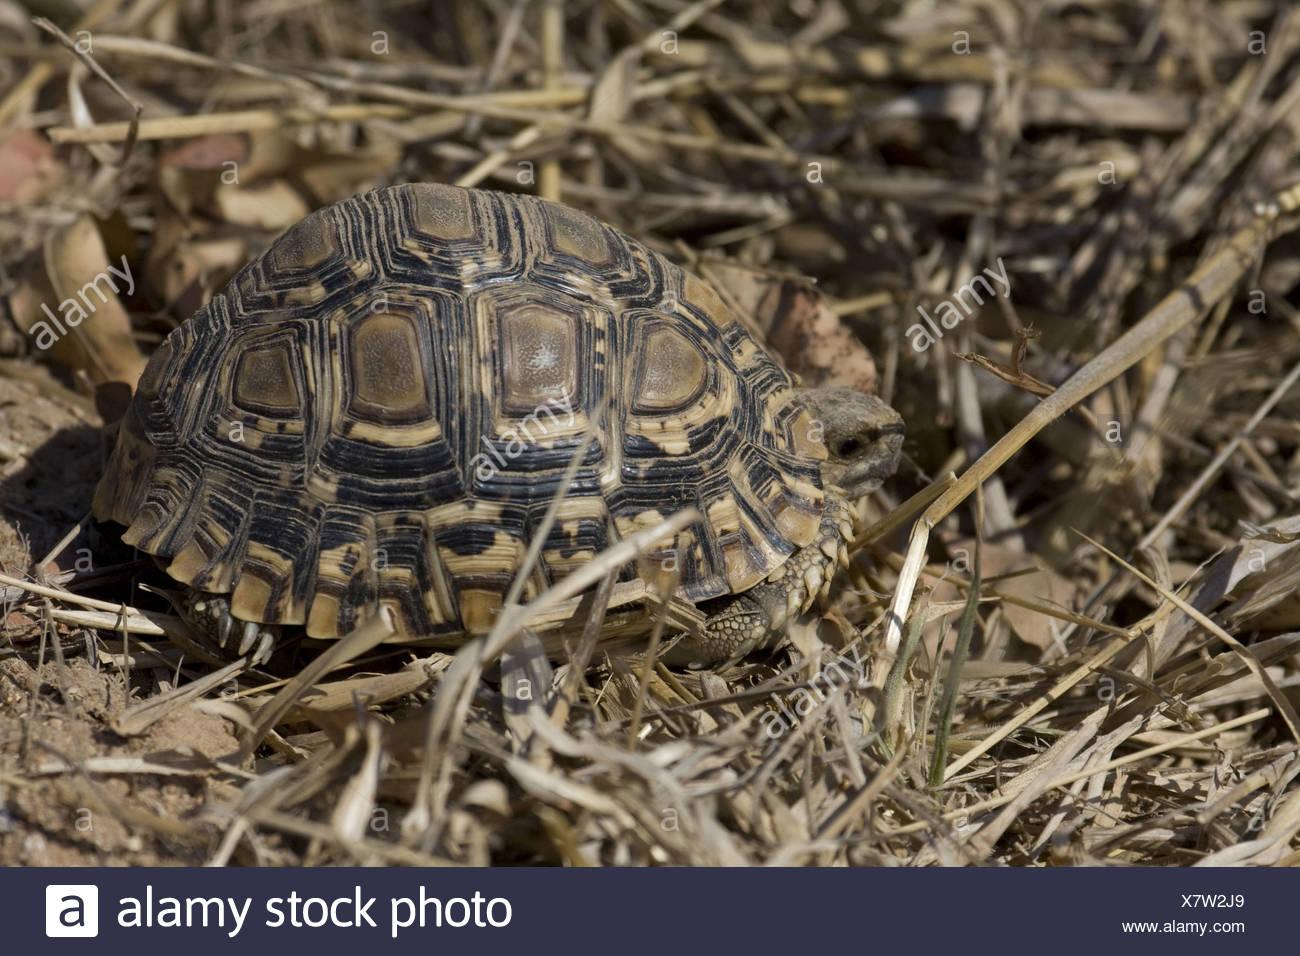 Leopard Tortoise Kruger National Park South Africa - Stock Image